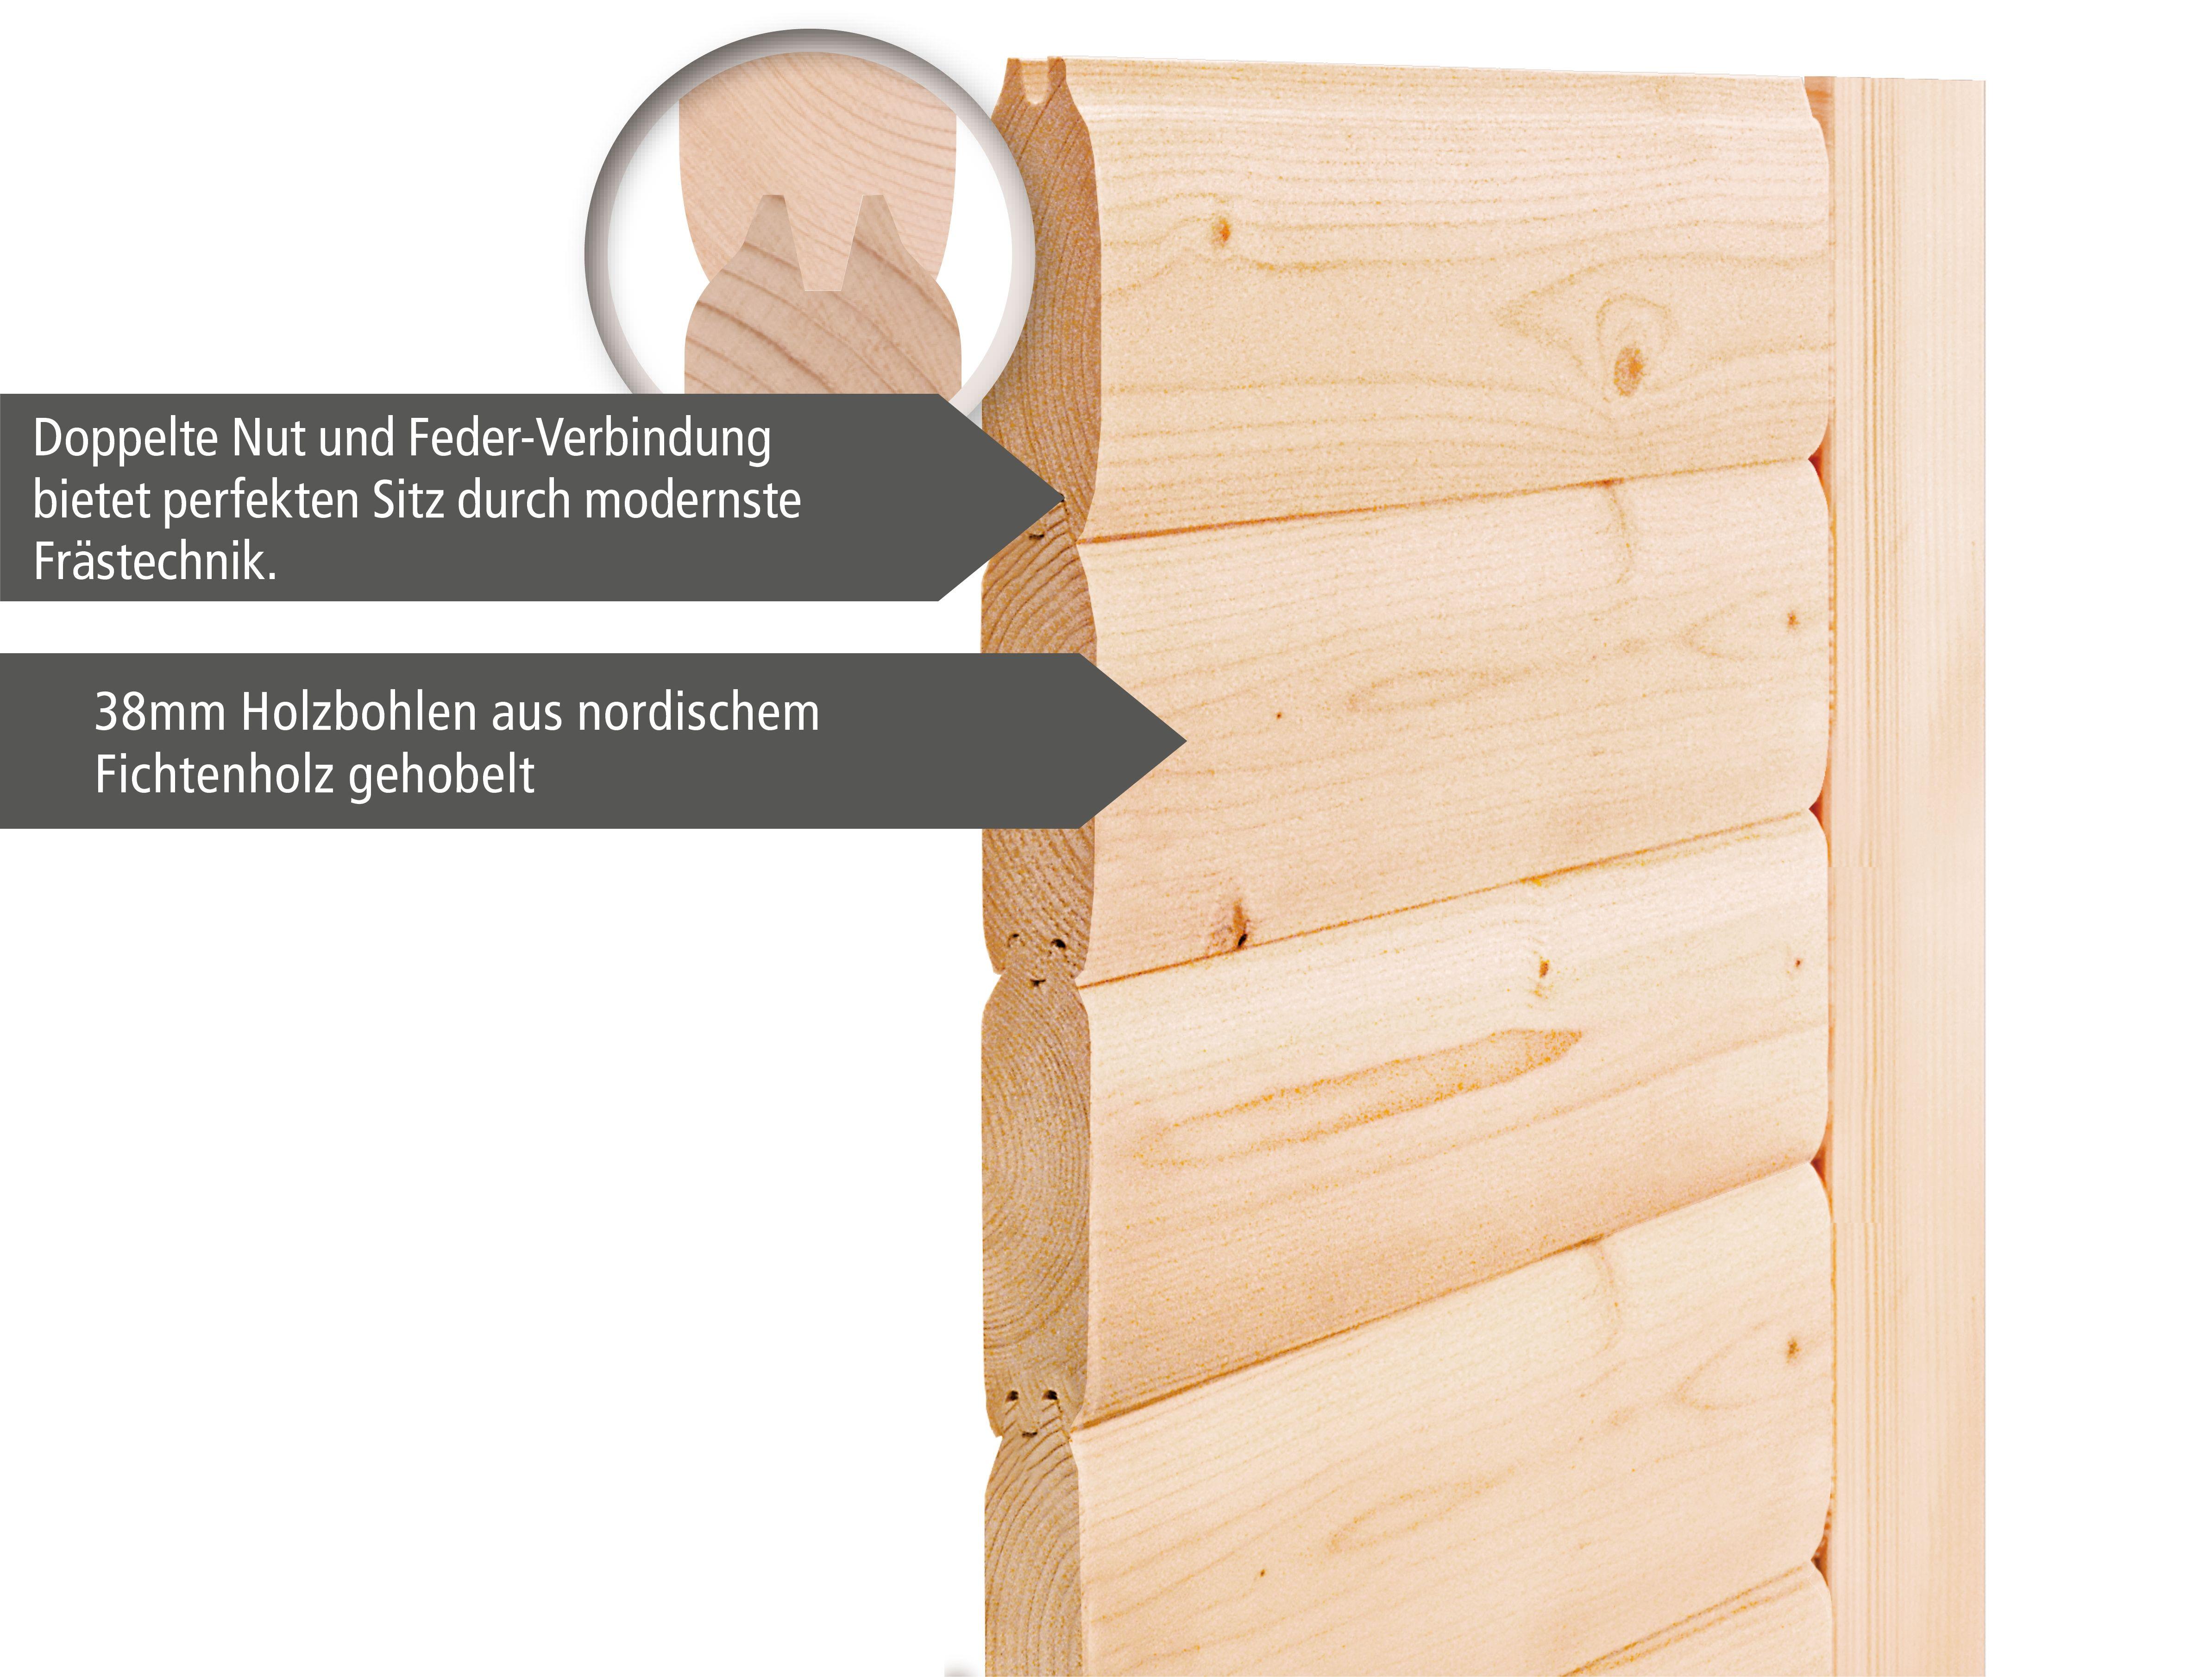 Woodfeeling Sauna Adelina 38mm Saunaofen 9kW extern Bild 9